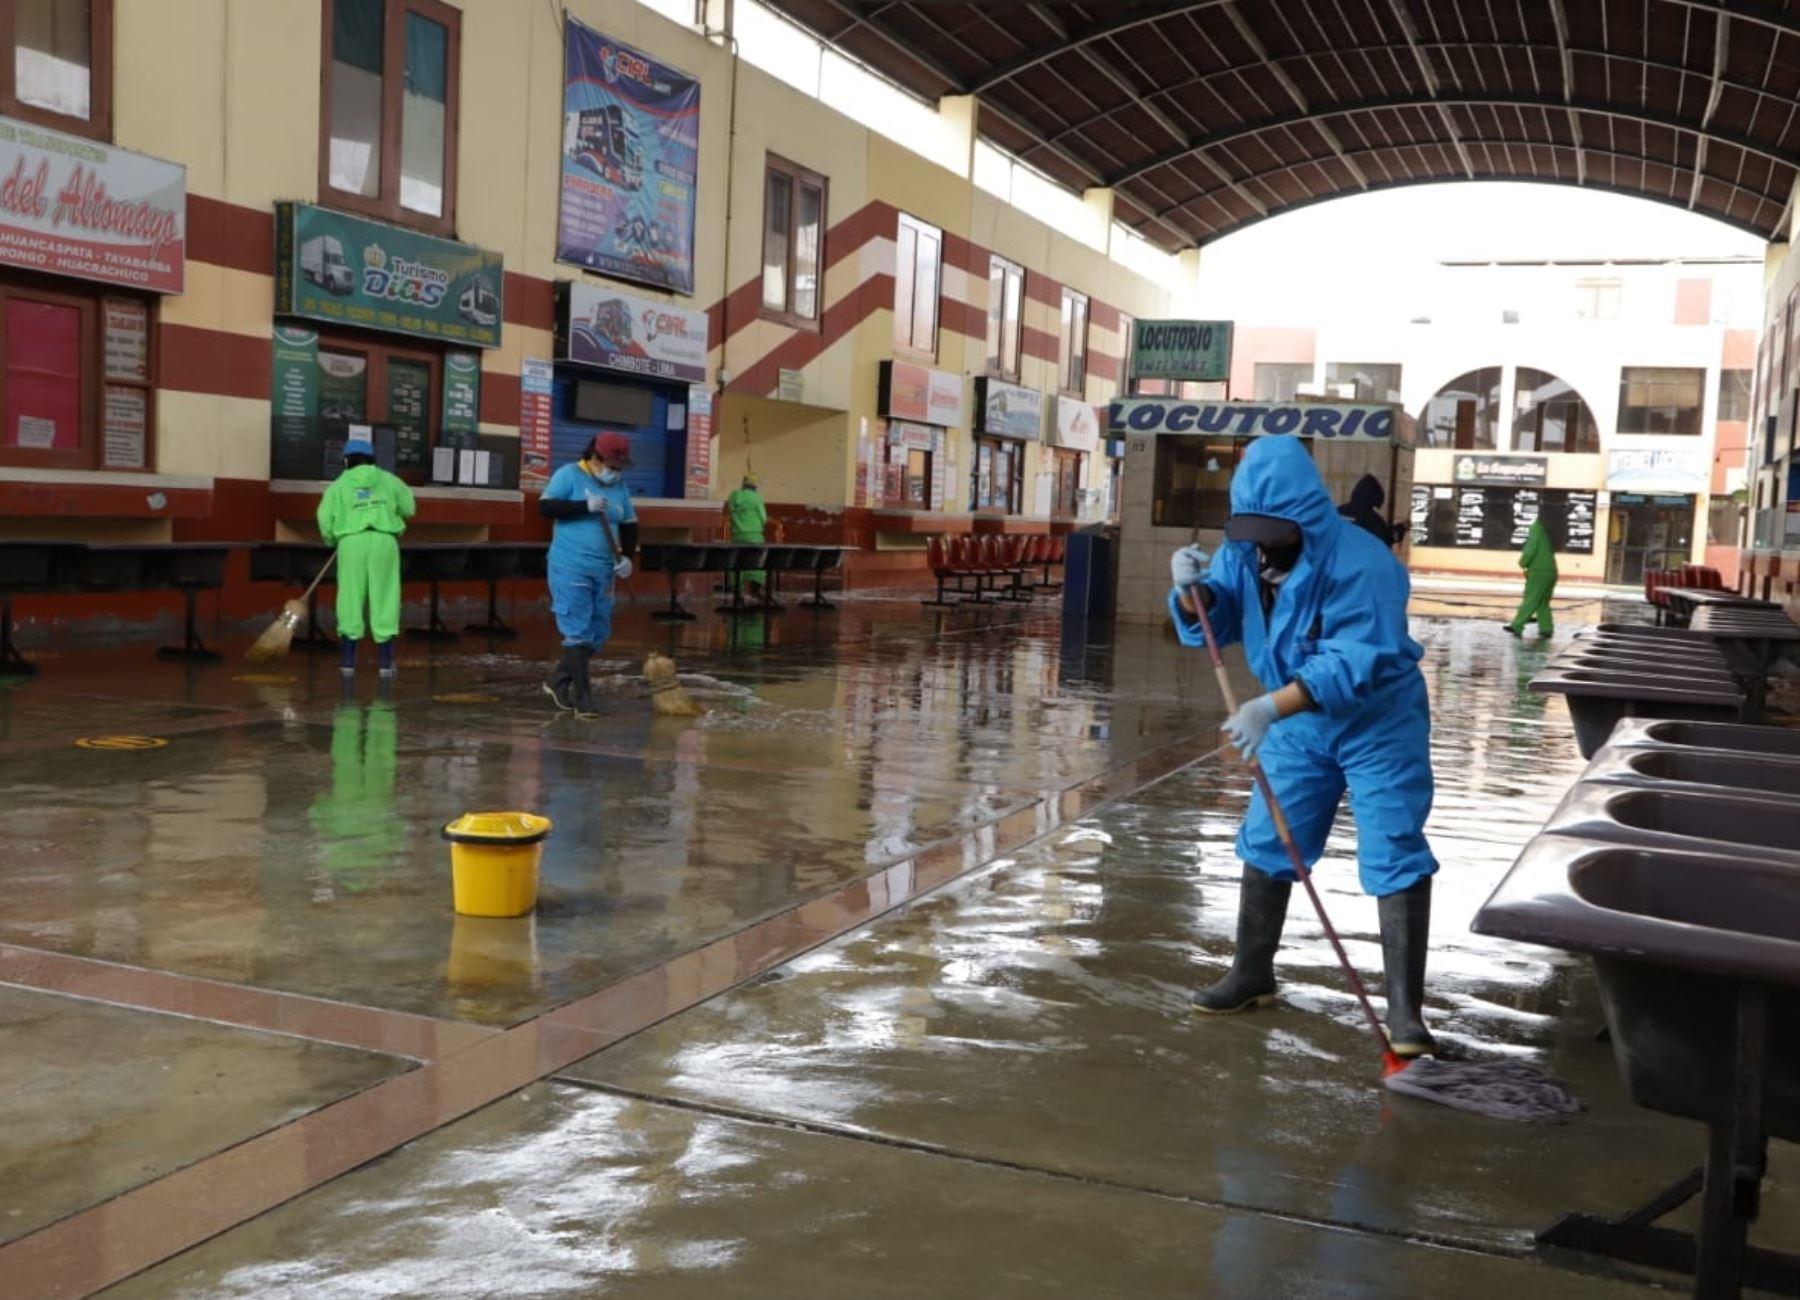 La Municipalidad del Santa ultima los detalles del protocolo sanitario y dejar todo listo para la reanudación de los viajes interprovinciales desde y hacia la ciudad de Chimbote a partir de este jueves 1 de octubre. ANDINA/Difusión